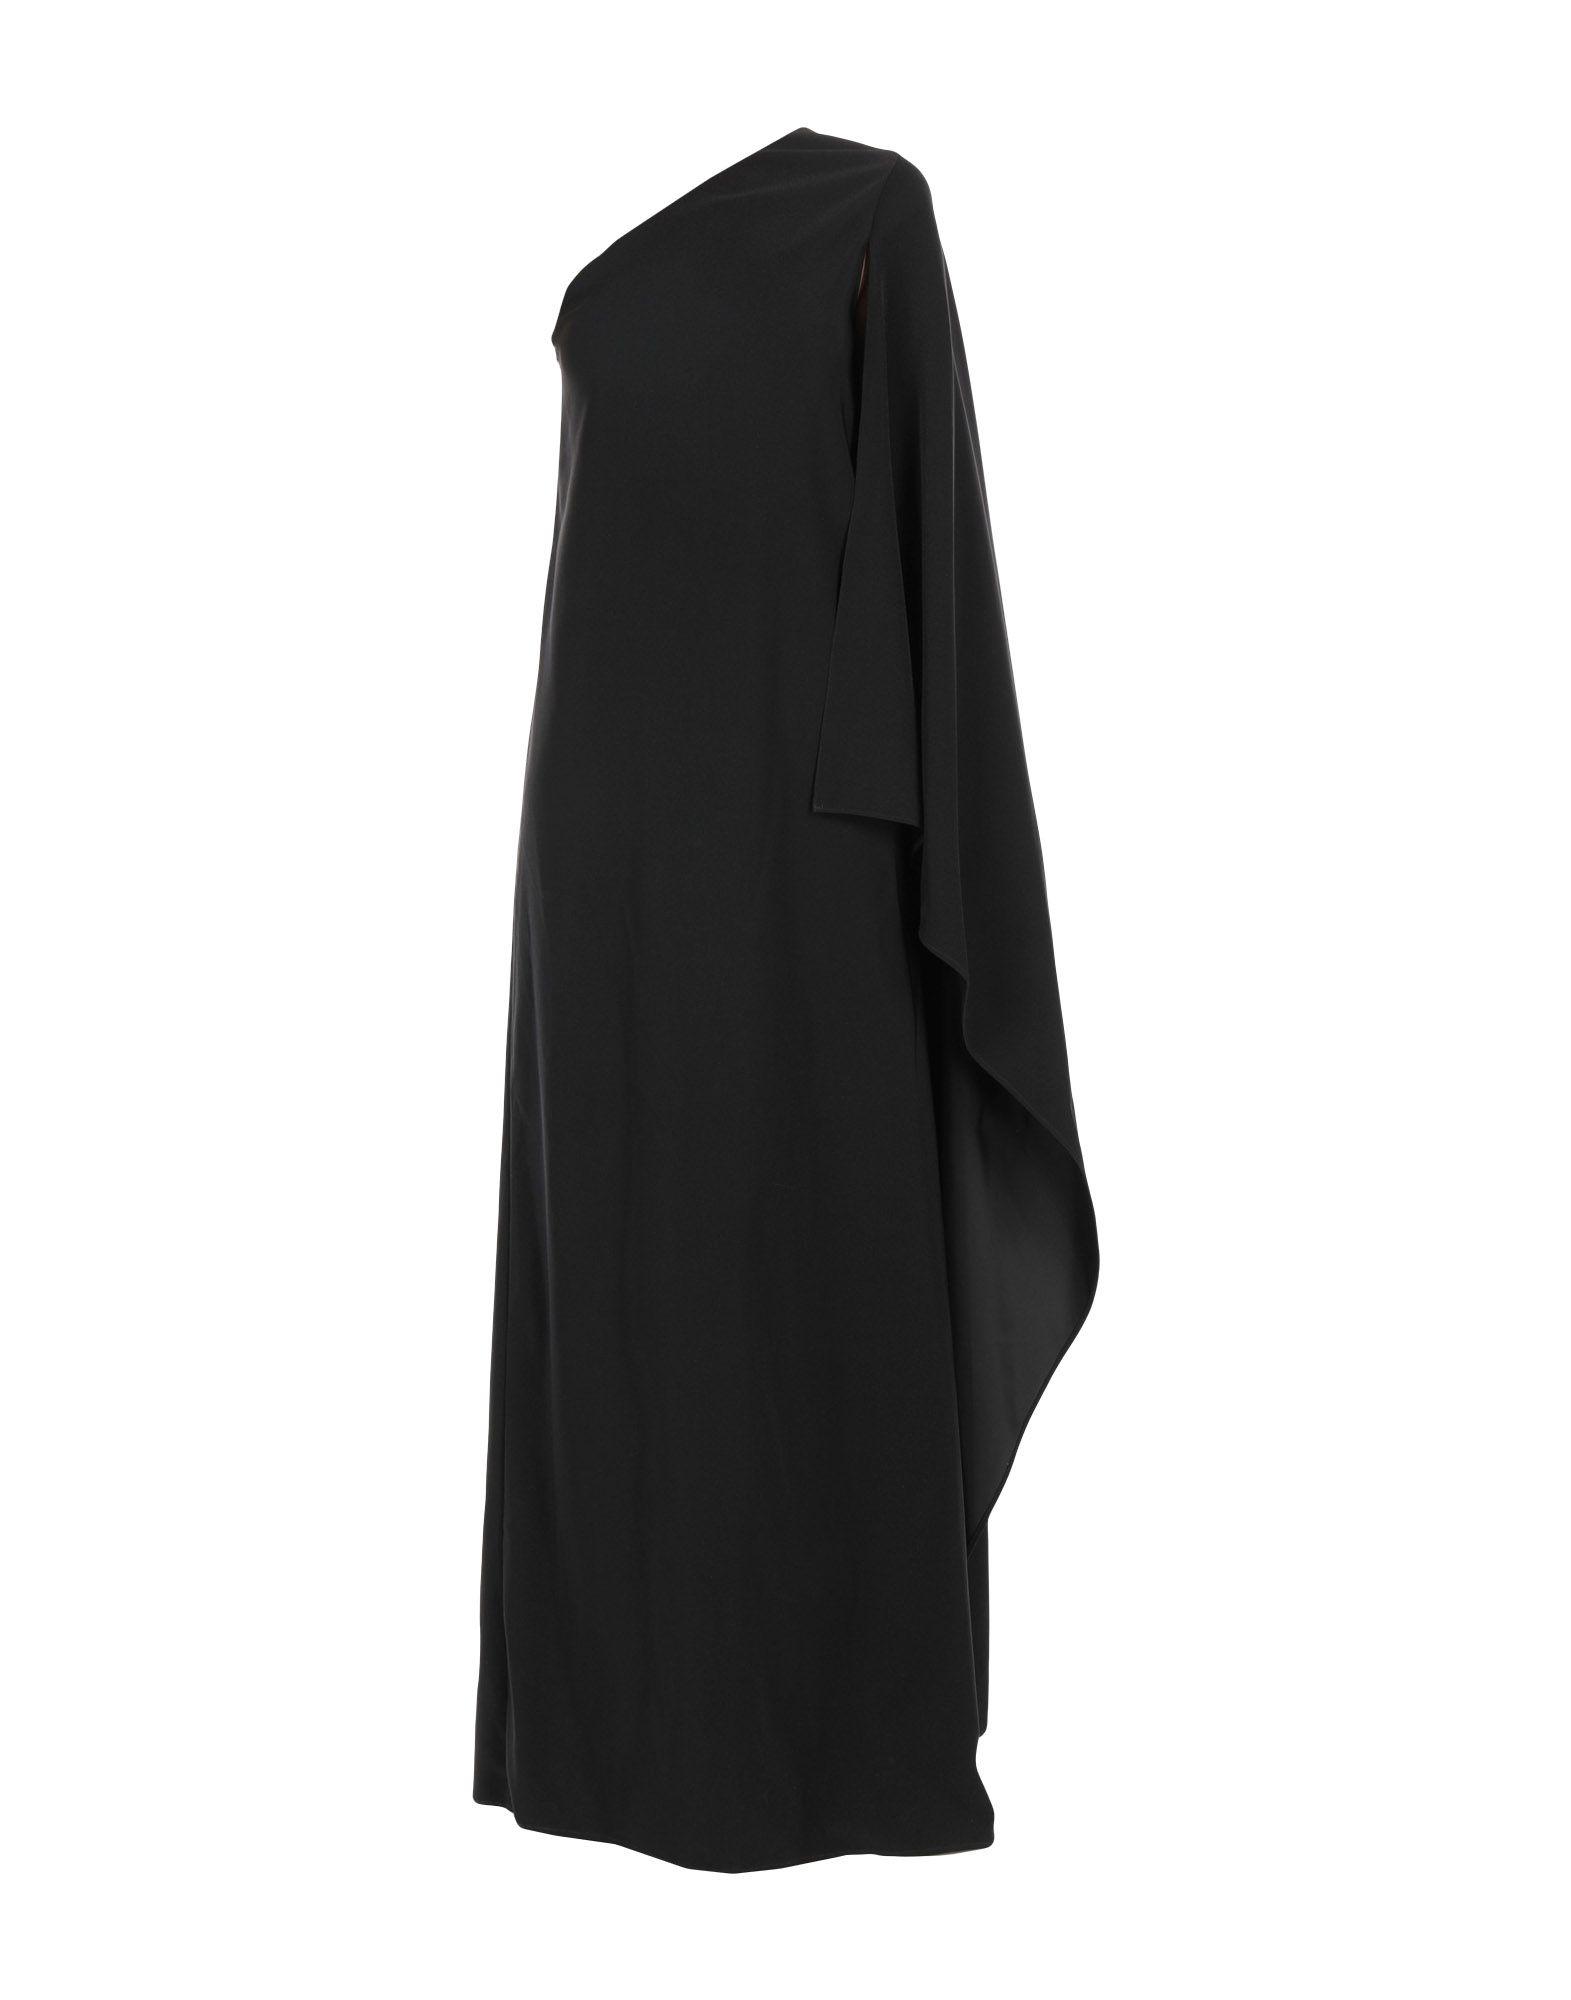 ROSETTA GETTY Длинное платье 923 зима полный дрель бархат вечернее платье длинное плечо банкет тост одежды тонкий тонкий хост